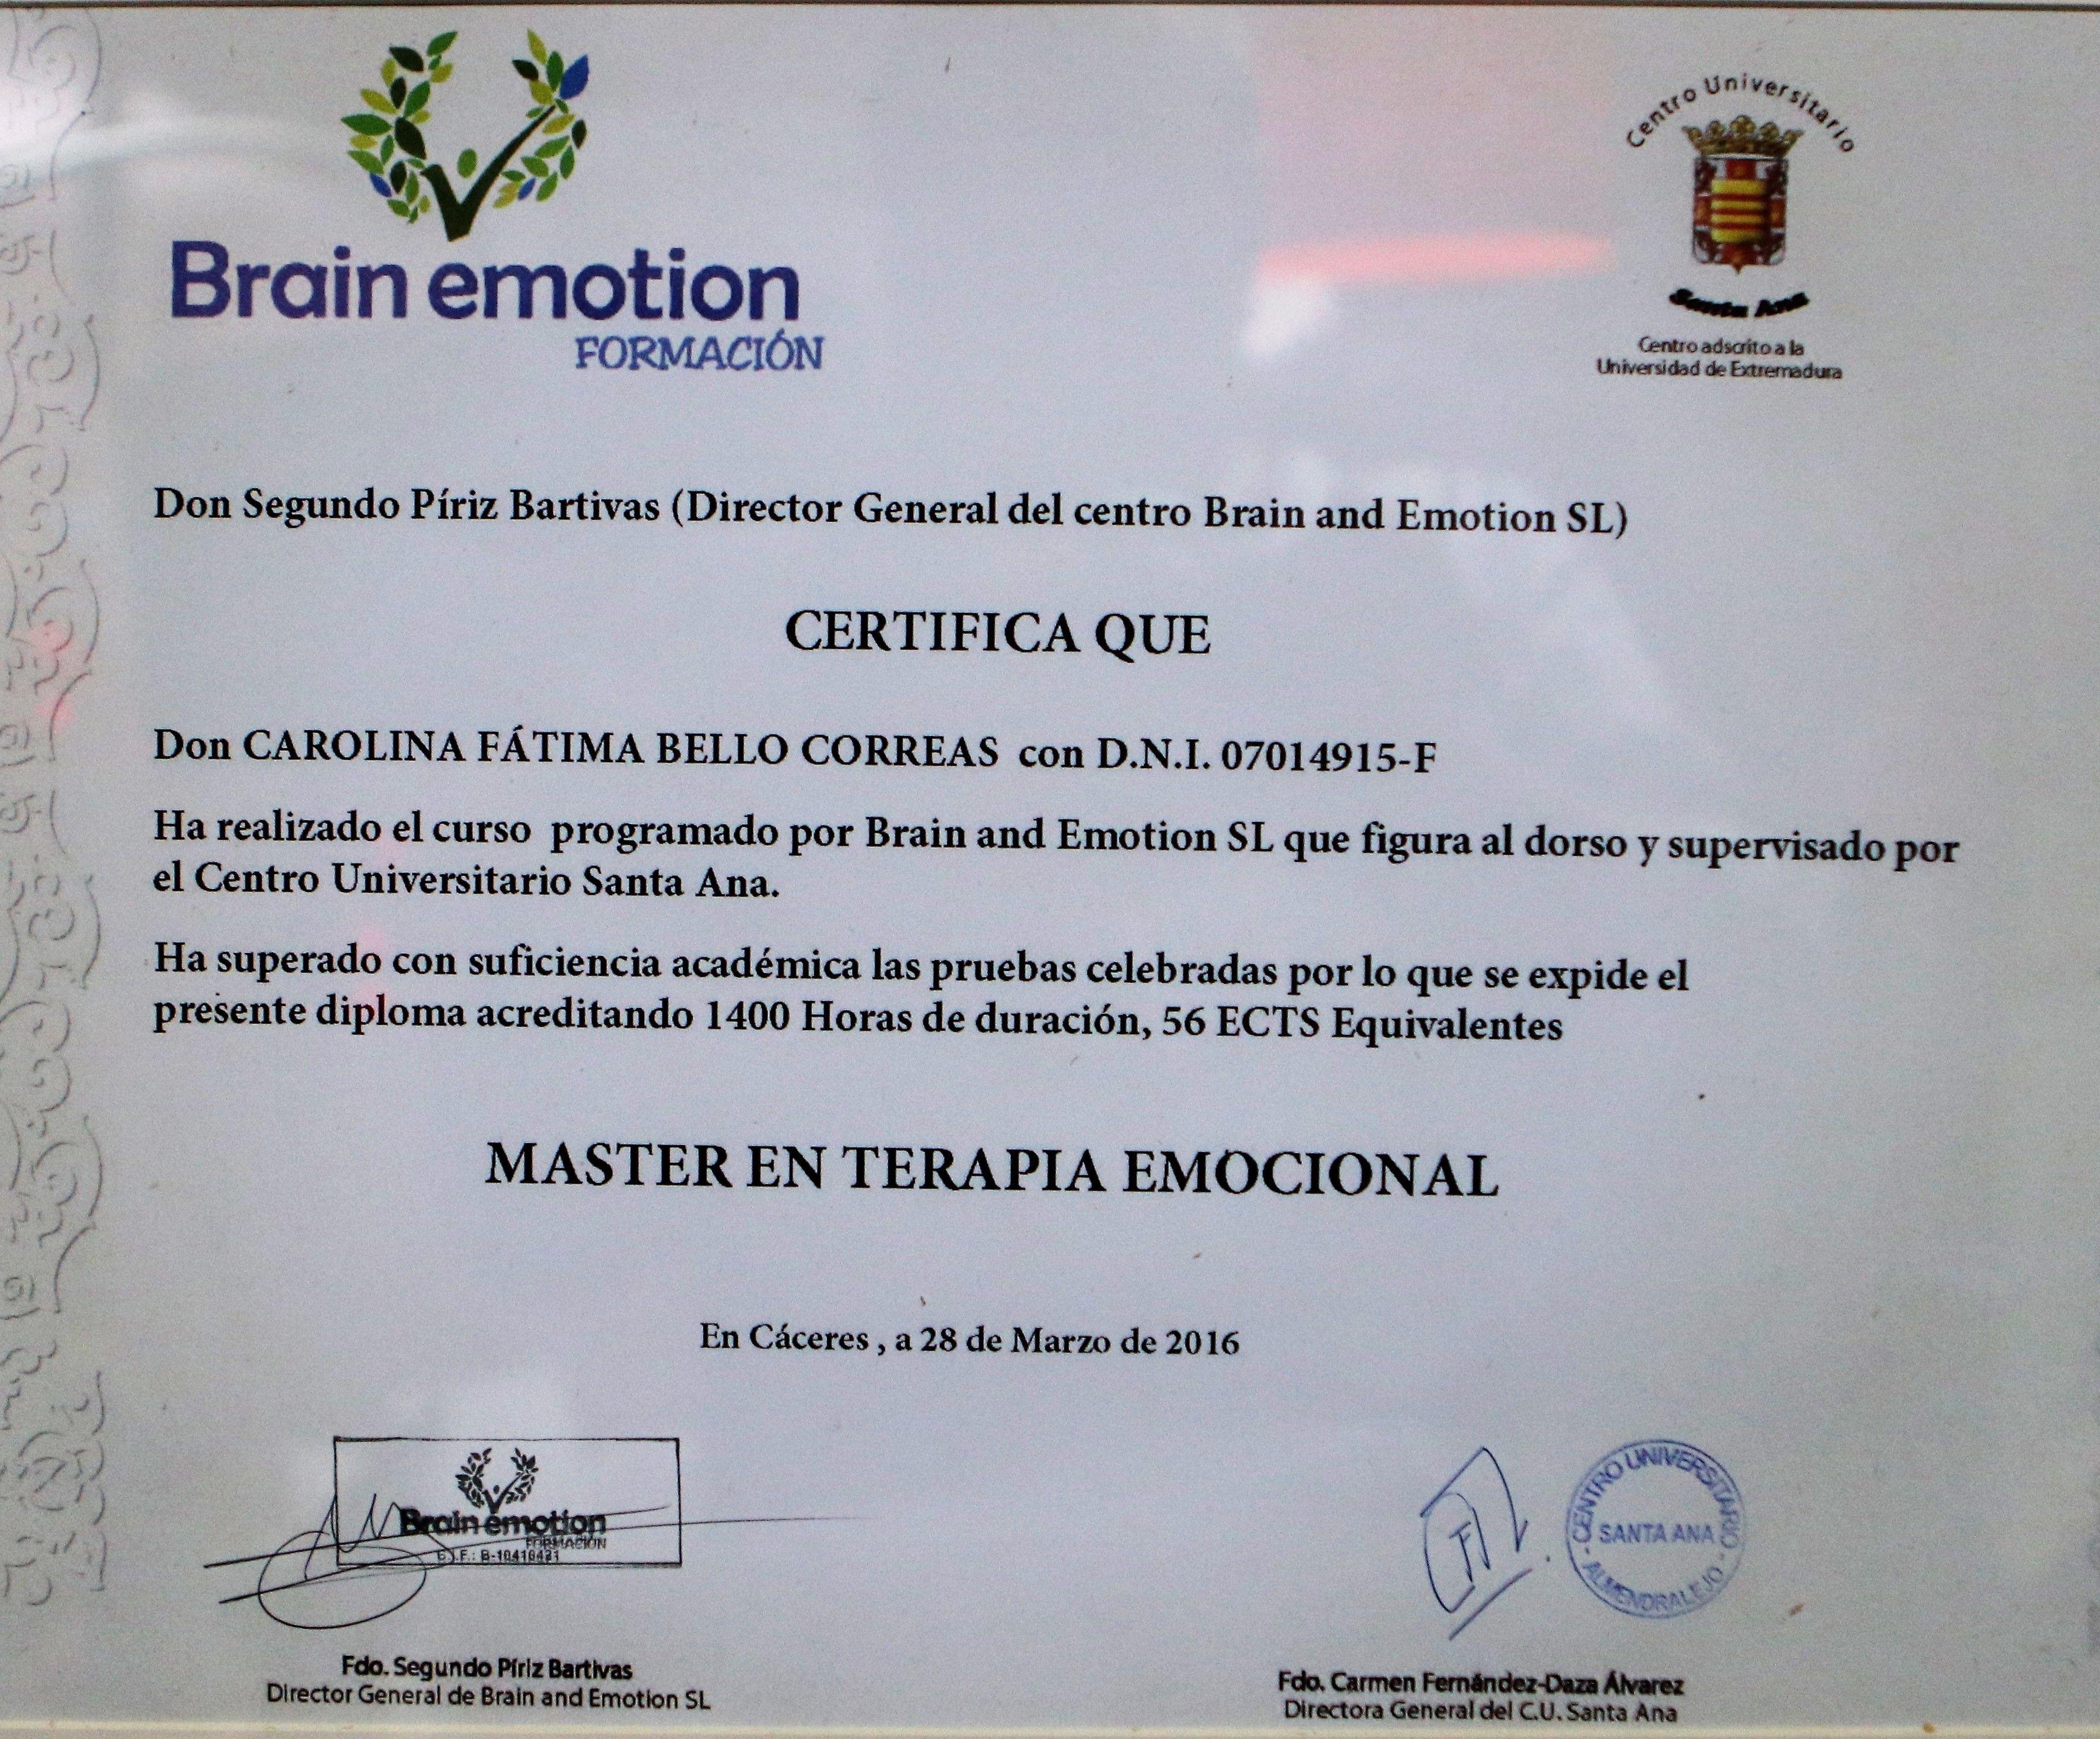 Intervención socioeducativa en Cáceres